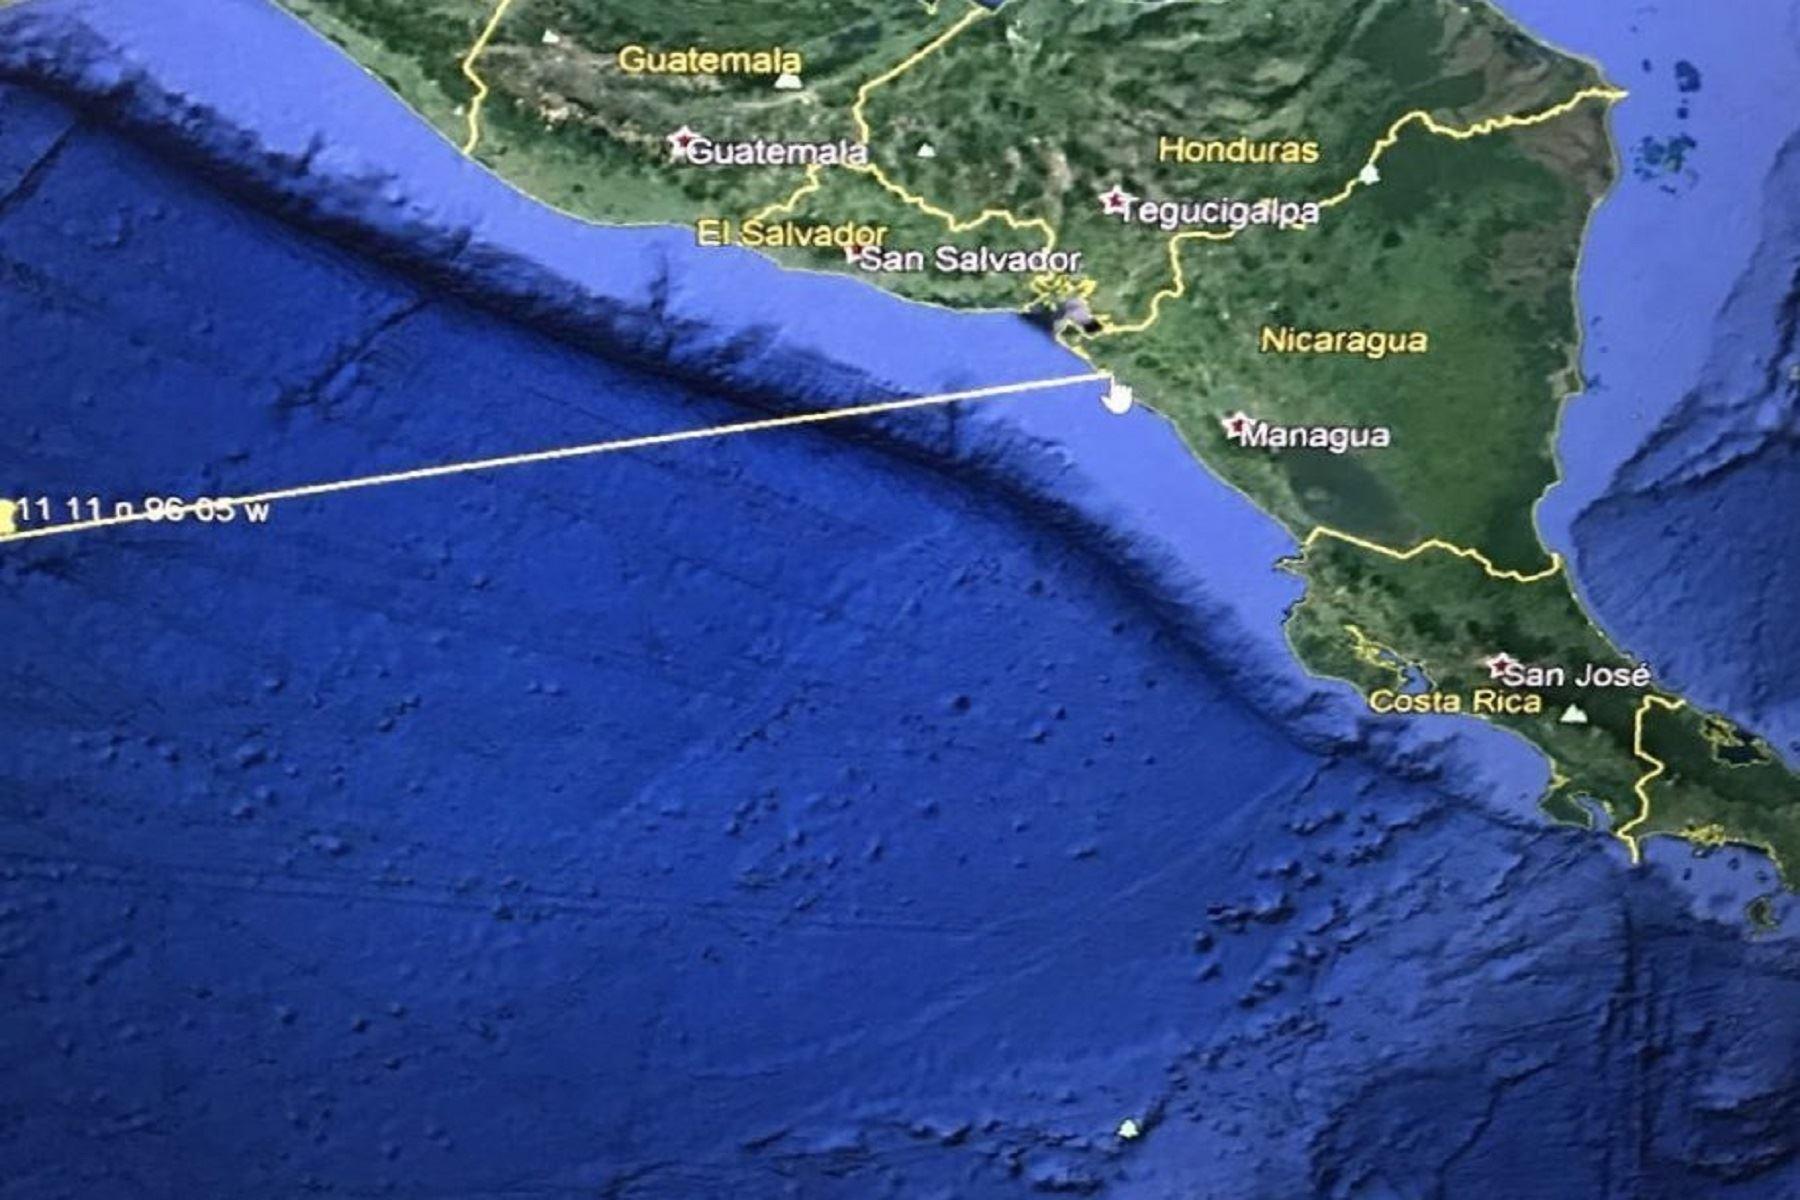 El Salvador: Piden evacuar zonas bajas de costa por amenaza tsunami Foto: Twitter embajada de EE.UU en El Salvador